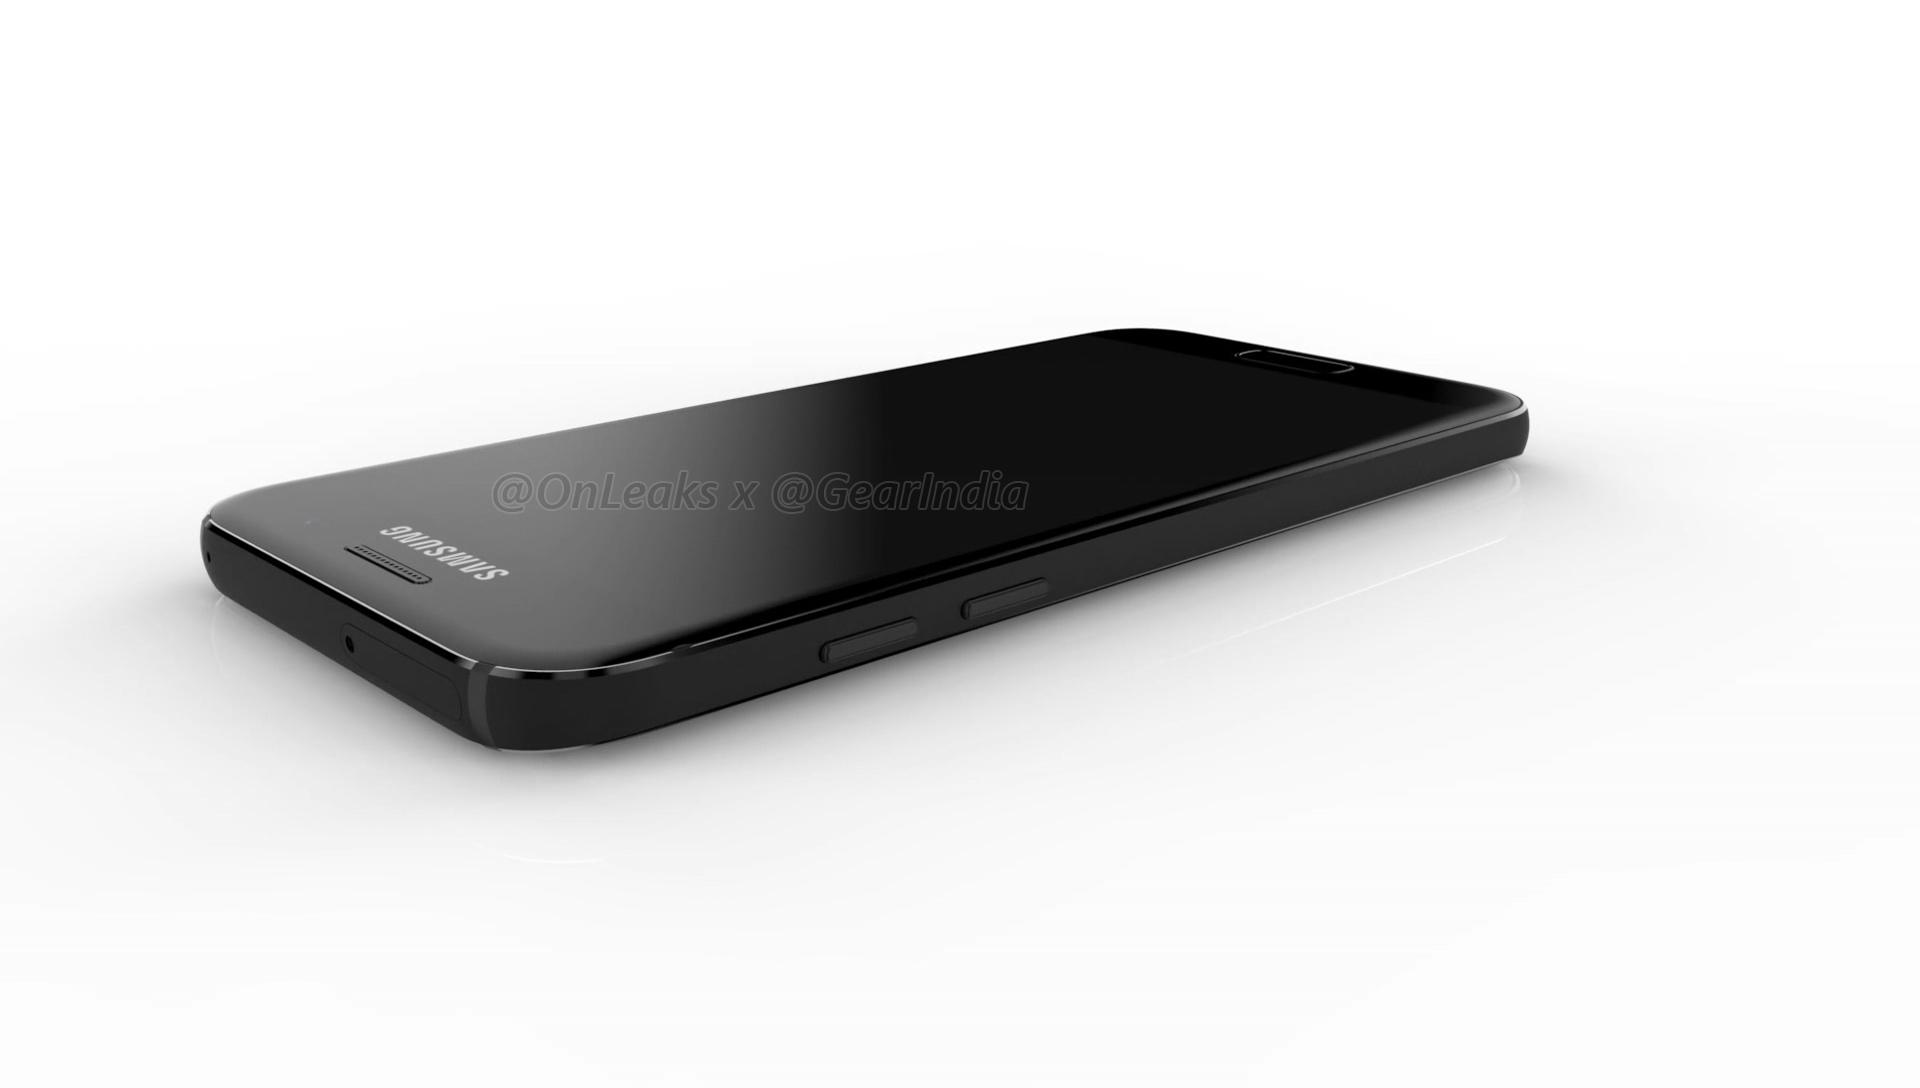 Les premières images du Samsung Galaxy A3 2017 montrent un smartphone sobre